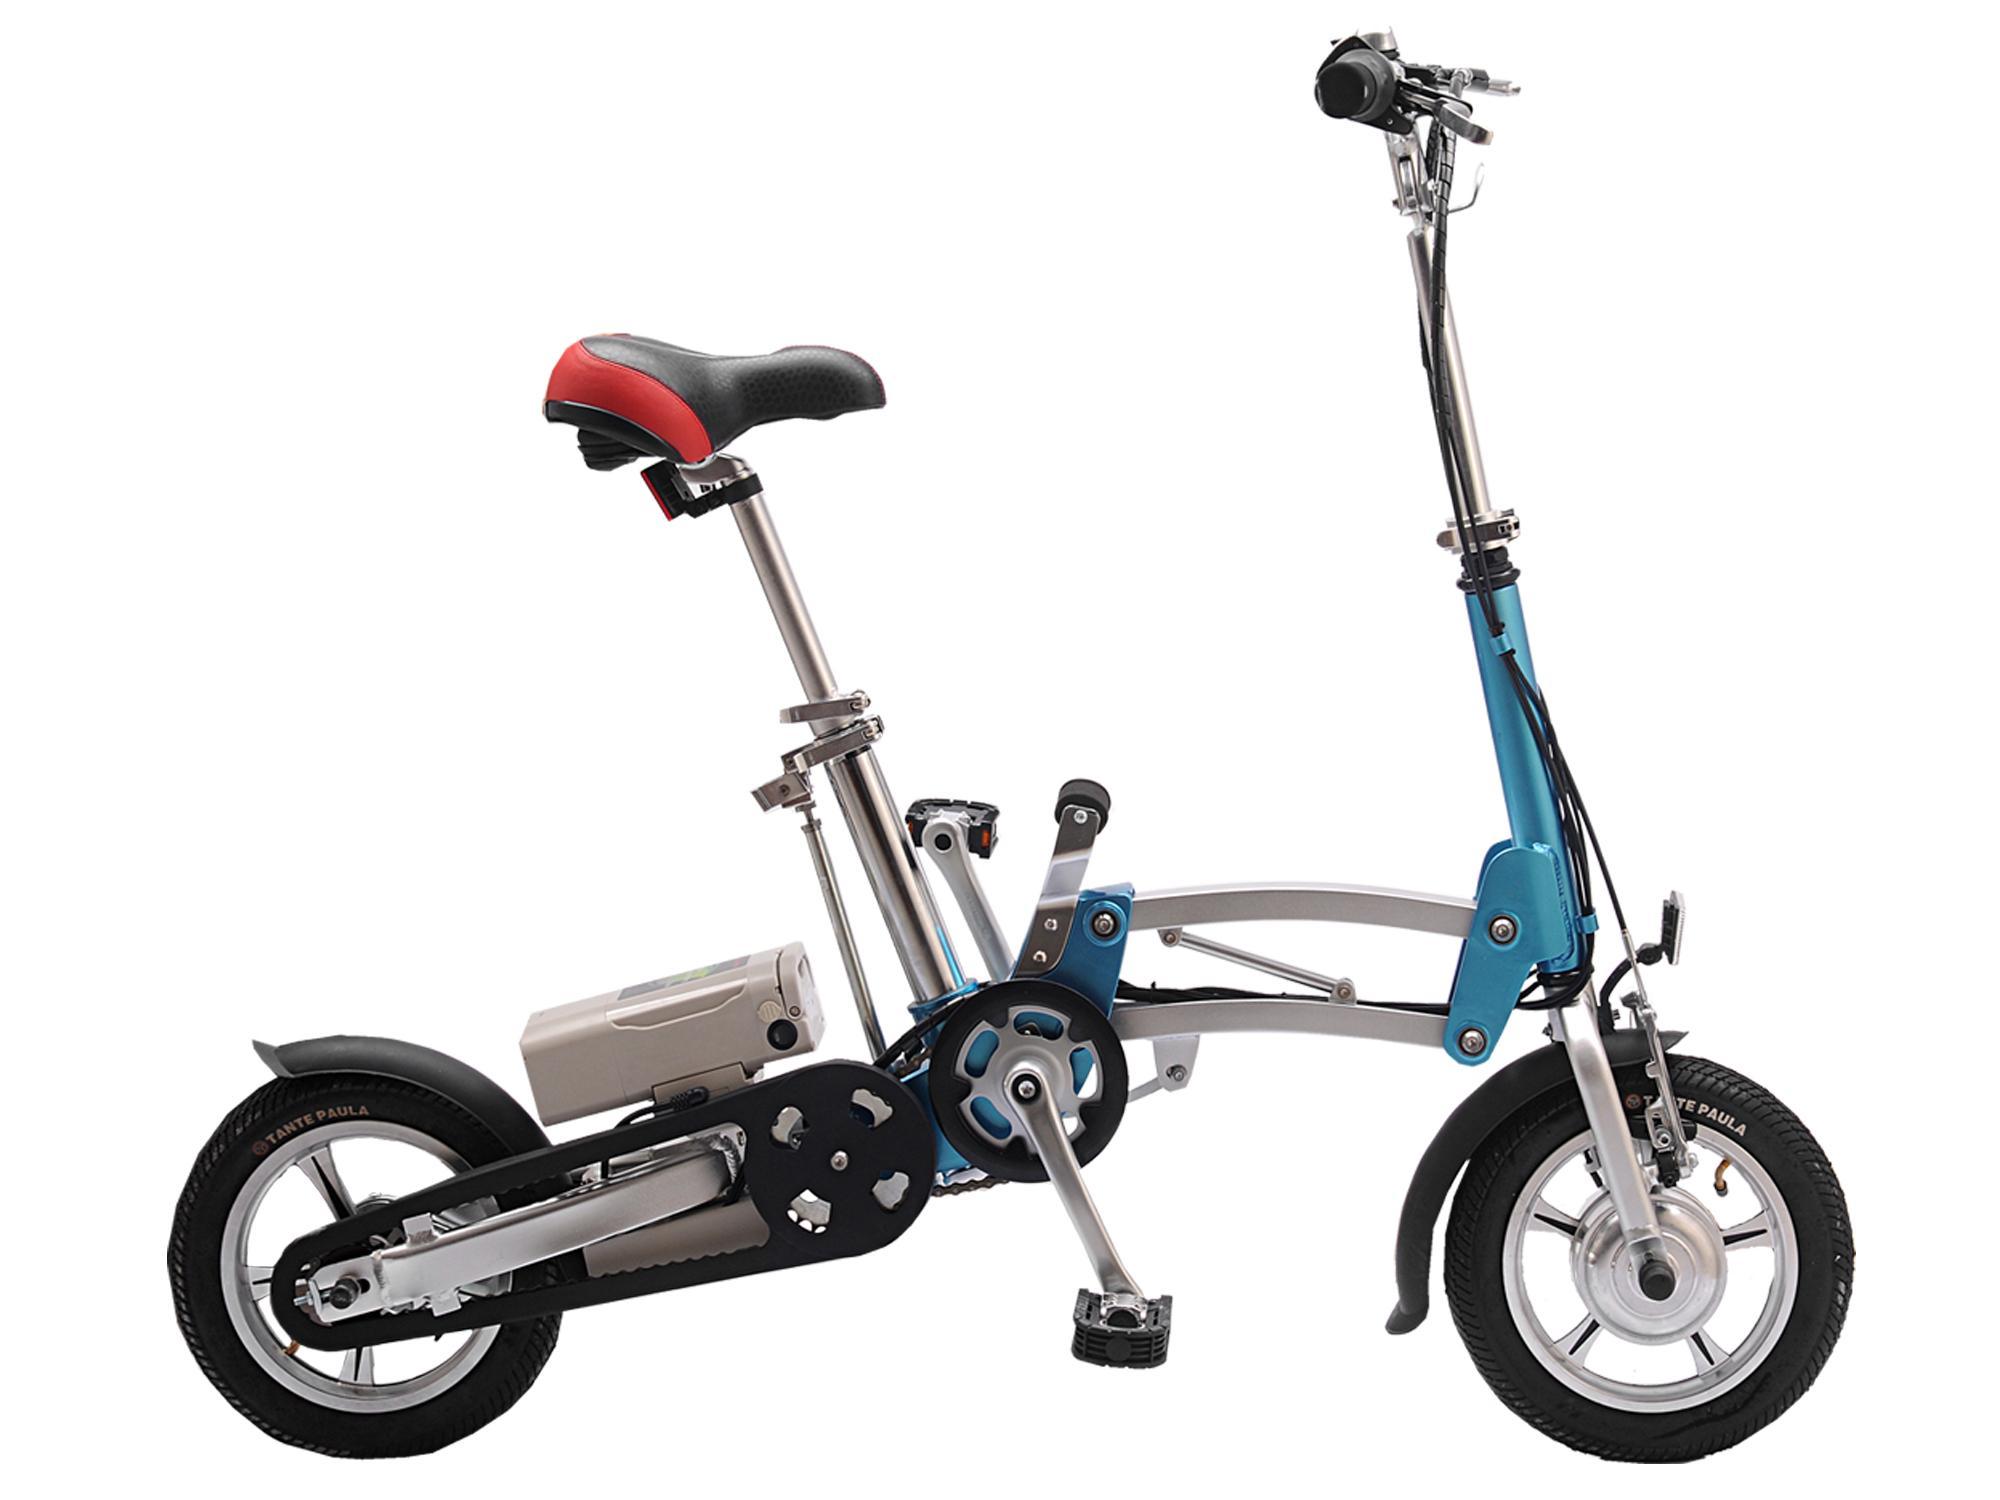 Sepeda Listrik Sepeda Motor By Hitrump.